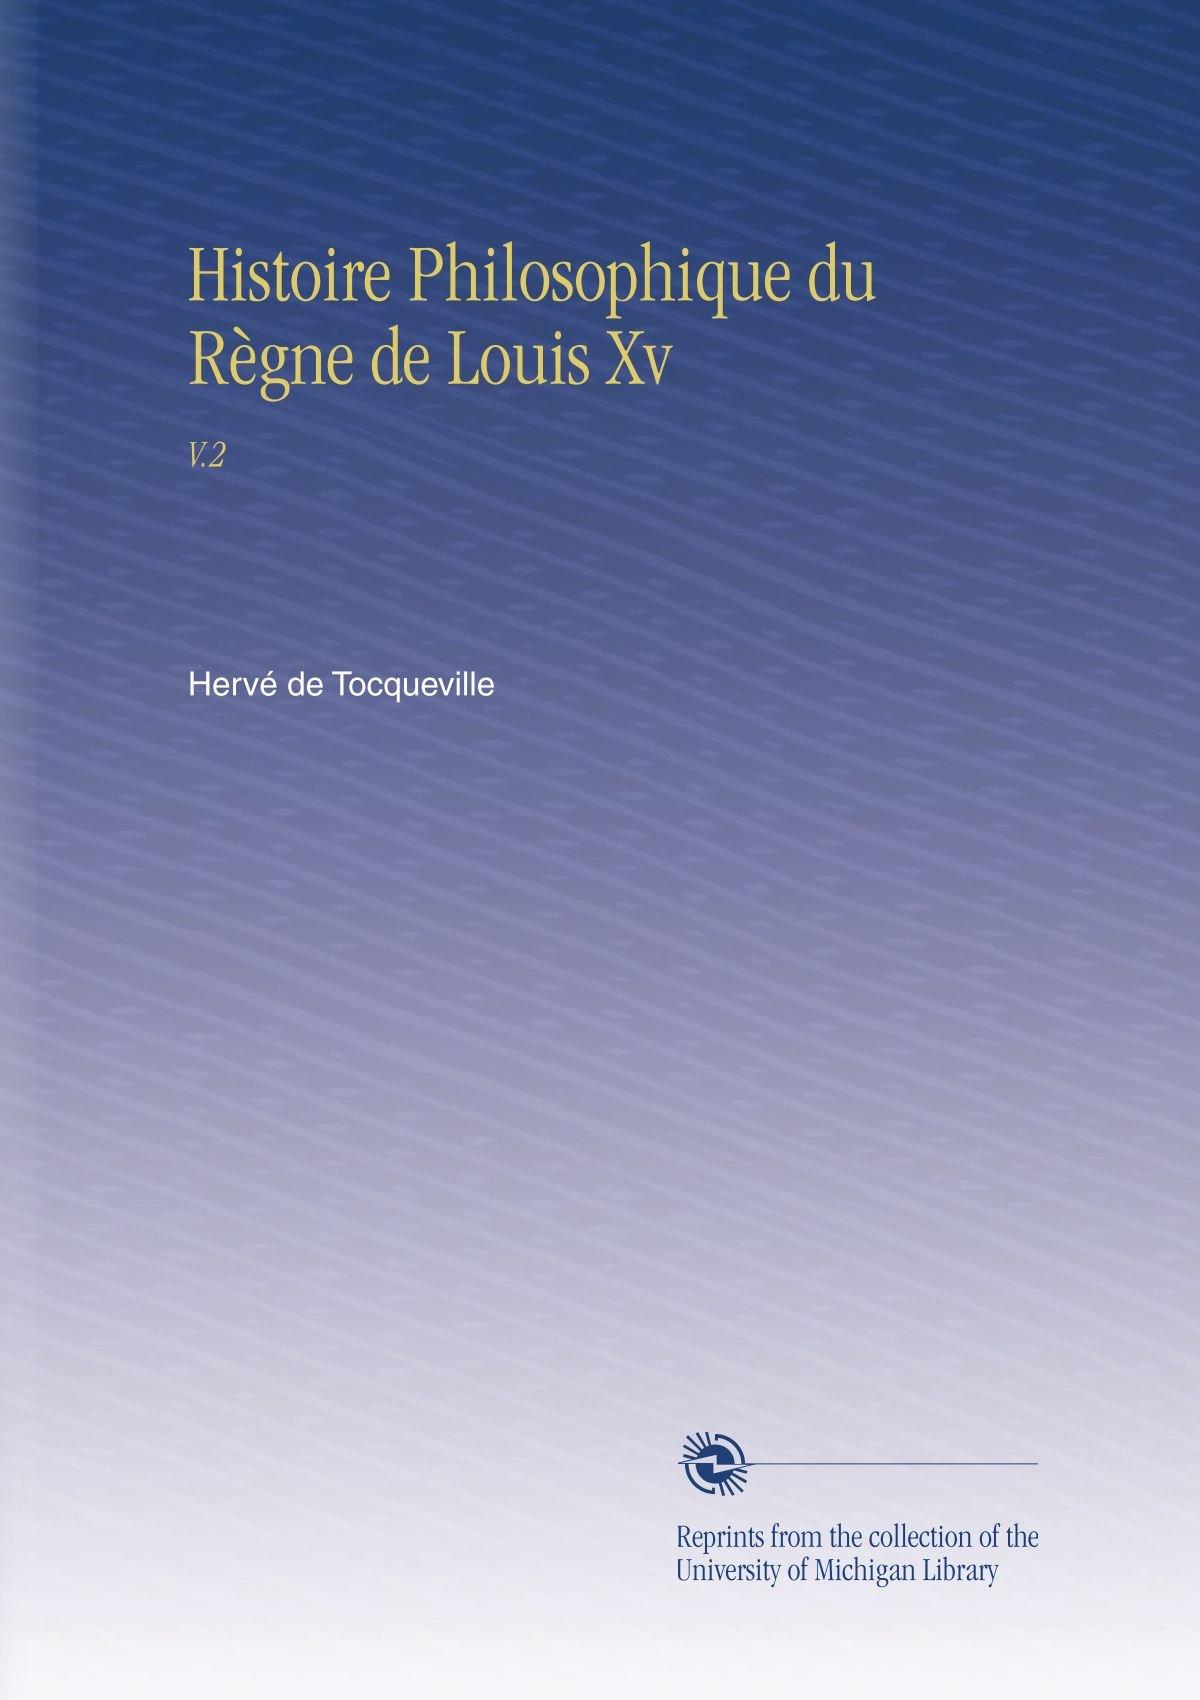 Download Histoire Philosophique du Règne de Louis Xv: V.2 (French Edition) pdf epub